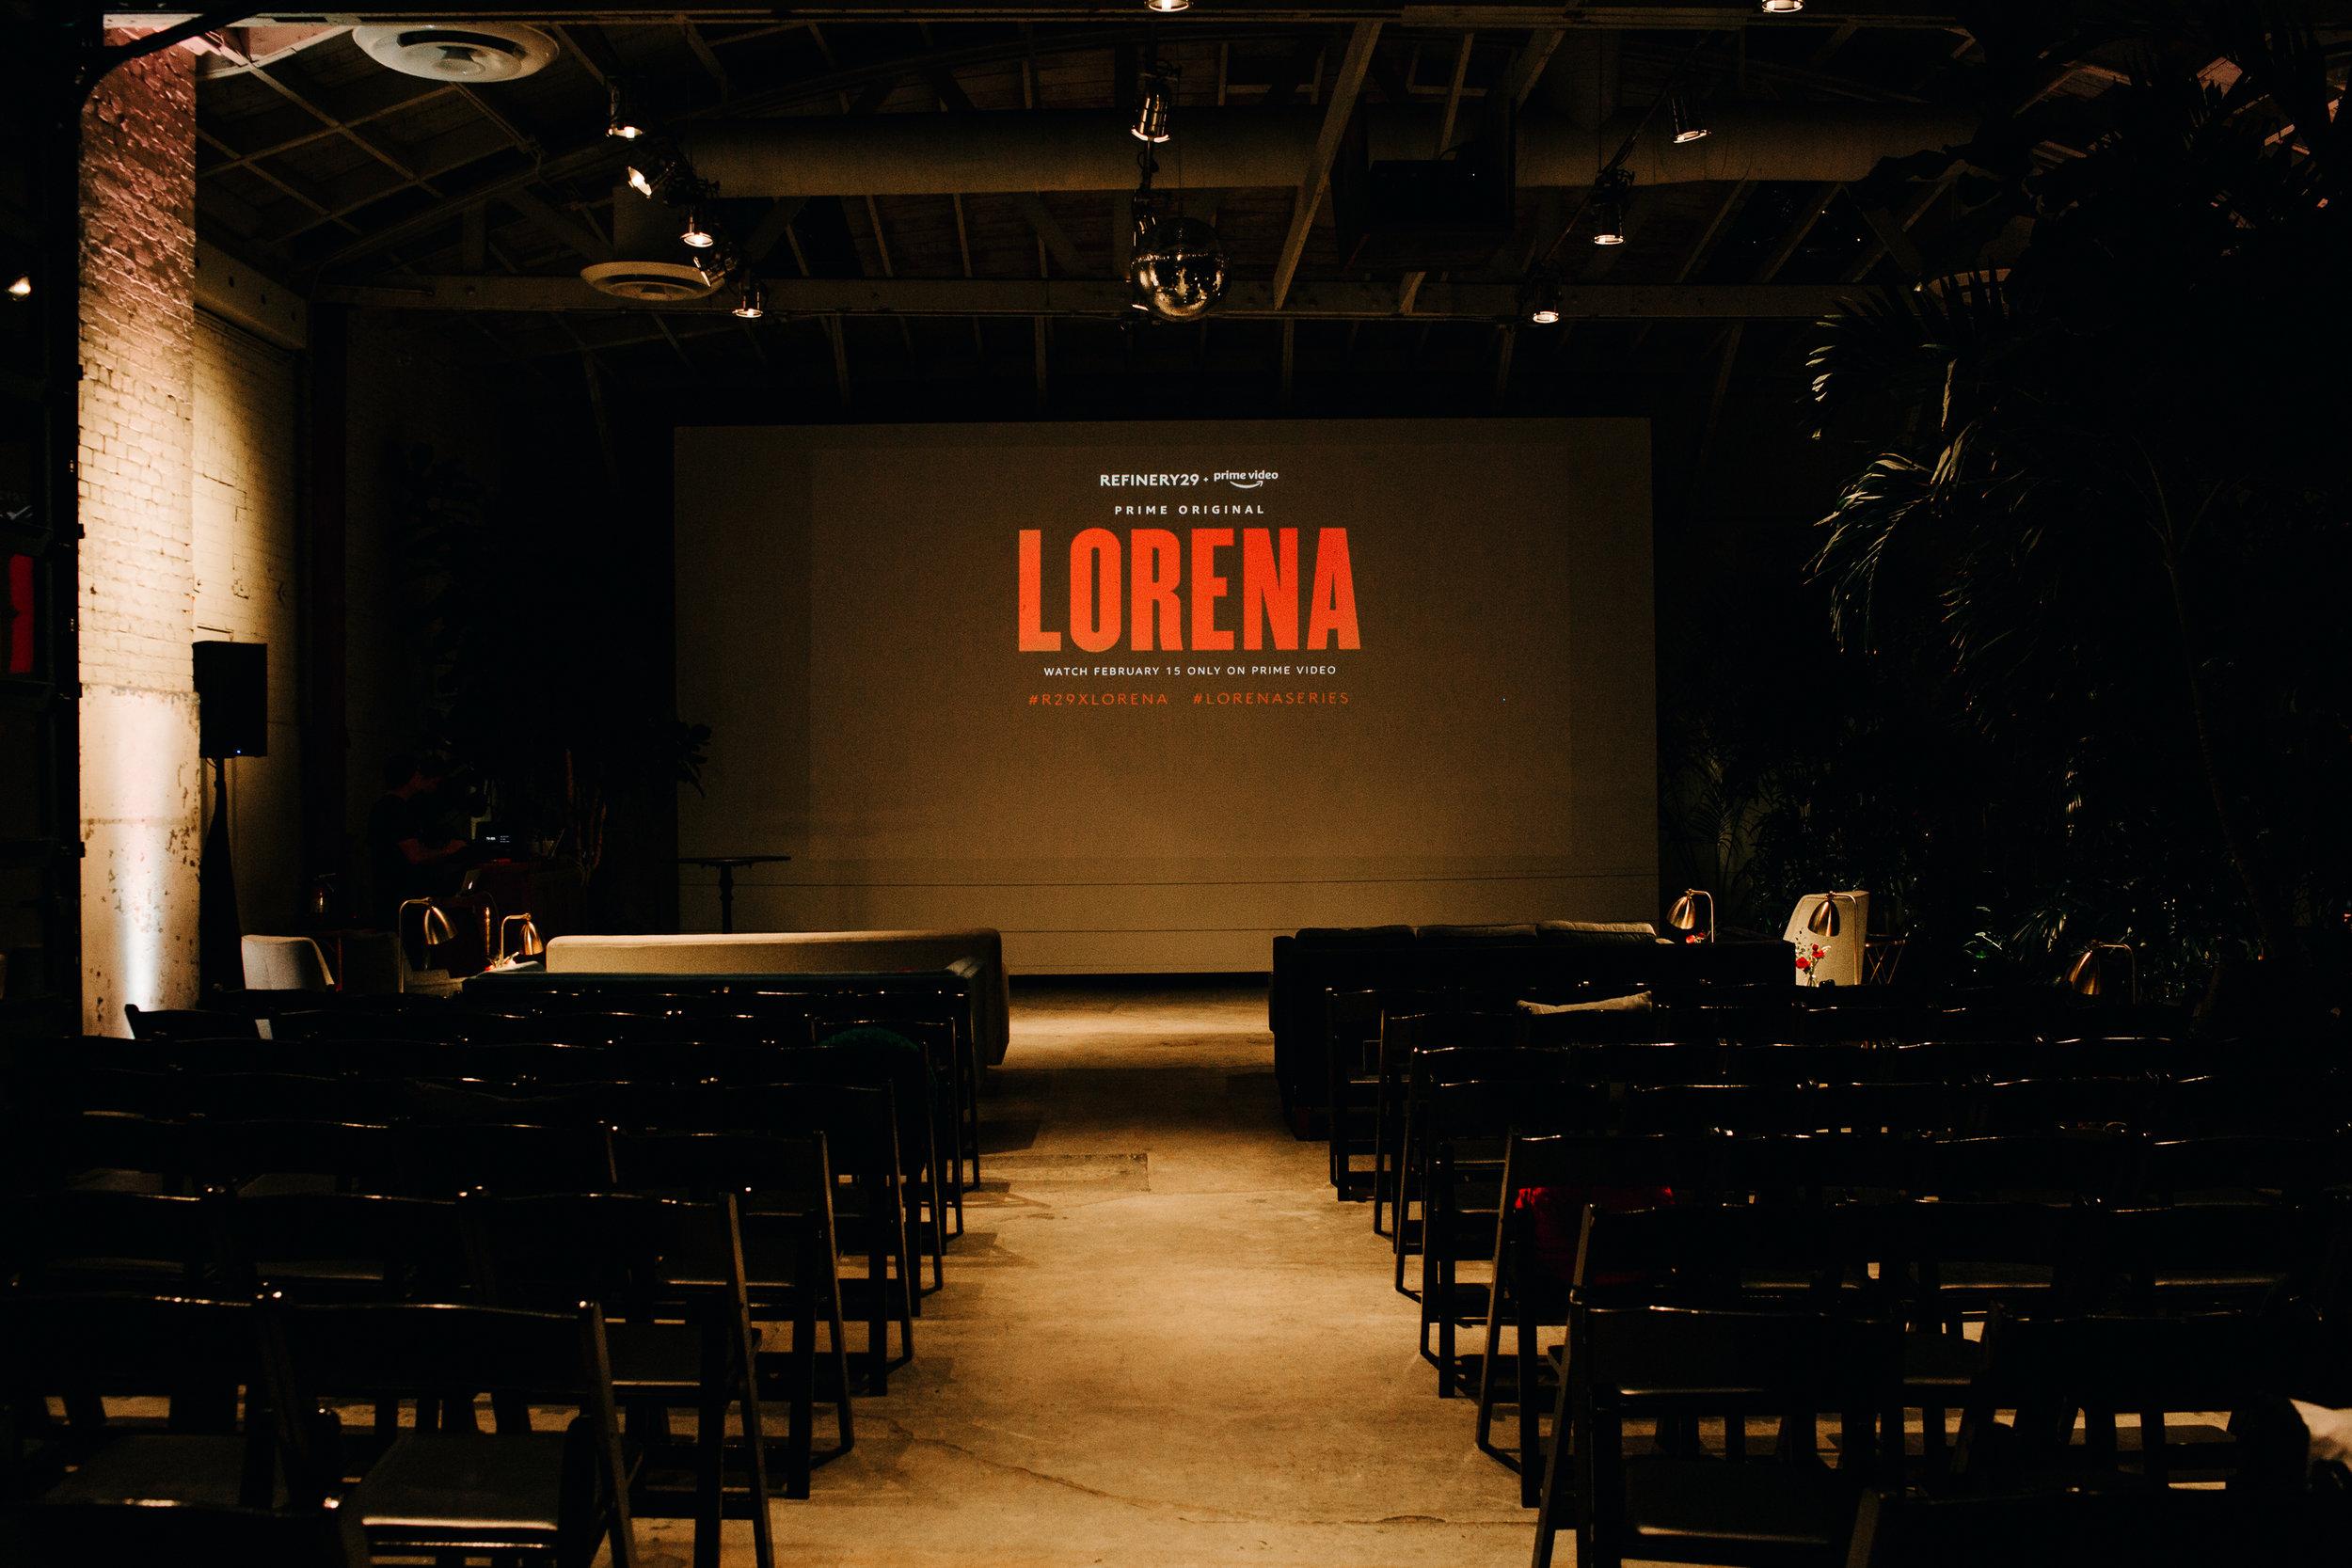 lorena website-6.jpg